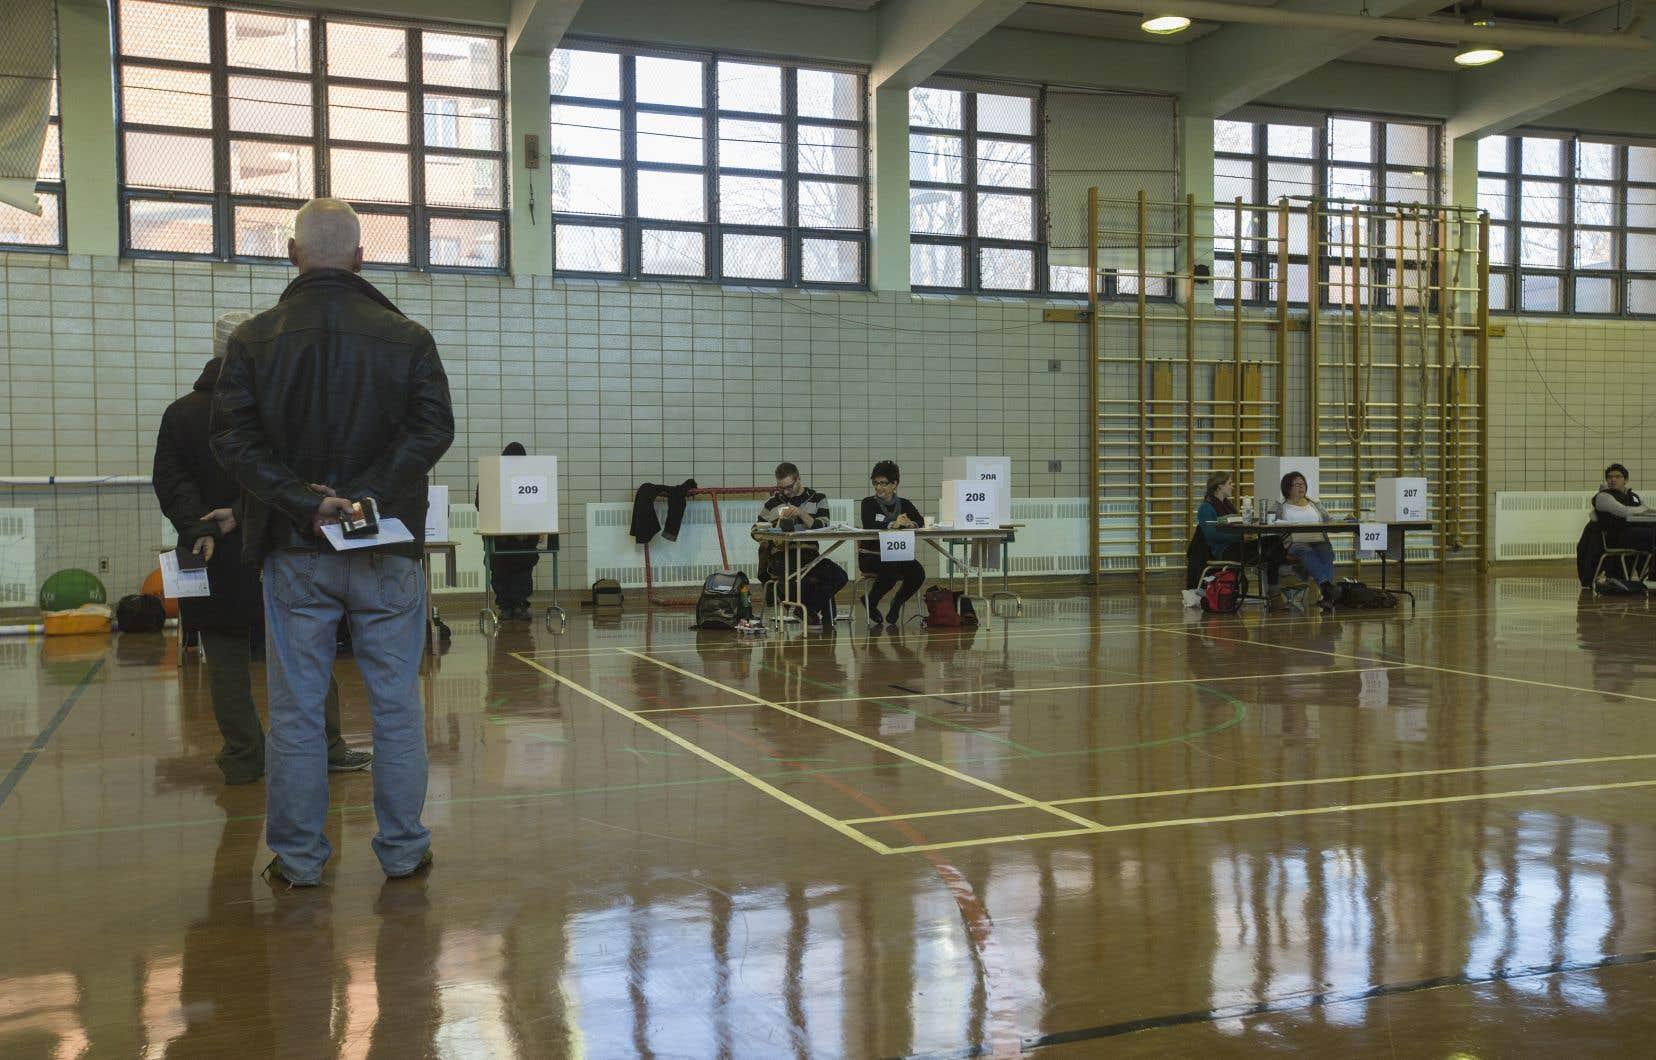 «Bien que l'élection n'ait plus de sens, il ne faut pas supprimer ce niveau décisionnel décentralisé qu'est la commission scolaire», affirme l'auteur.